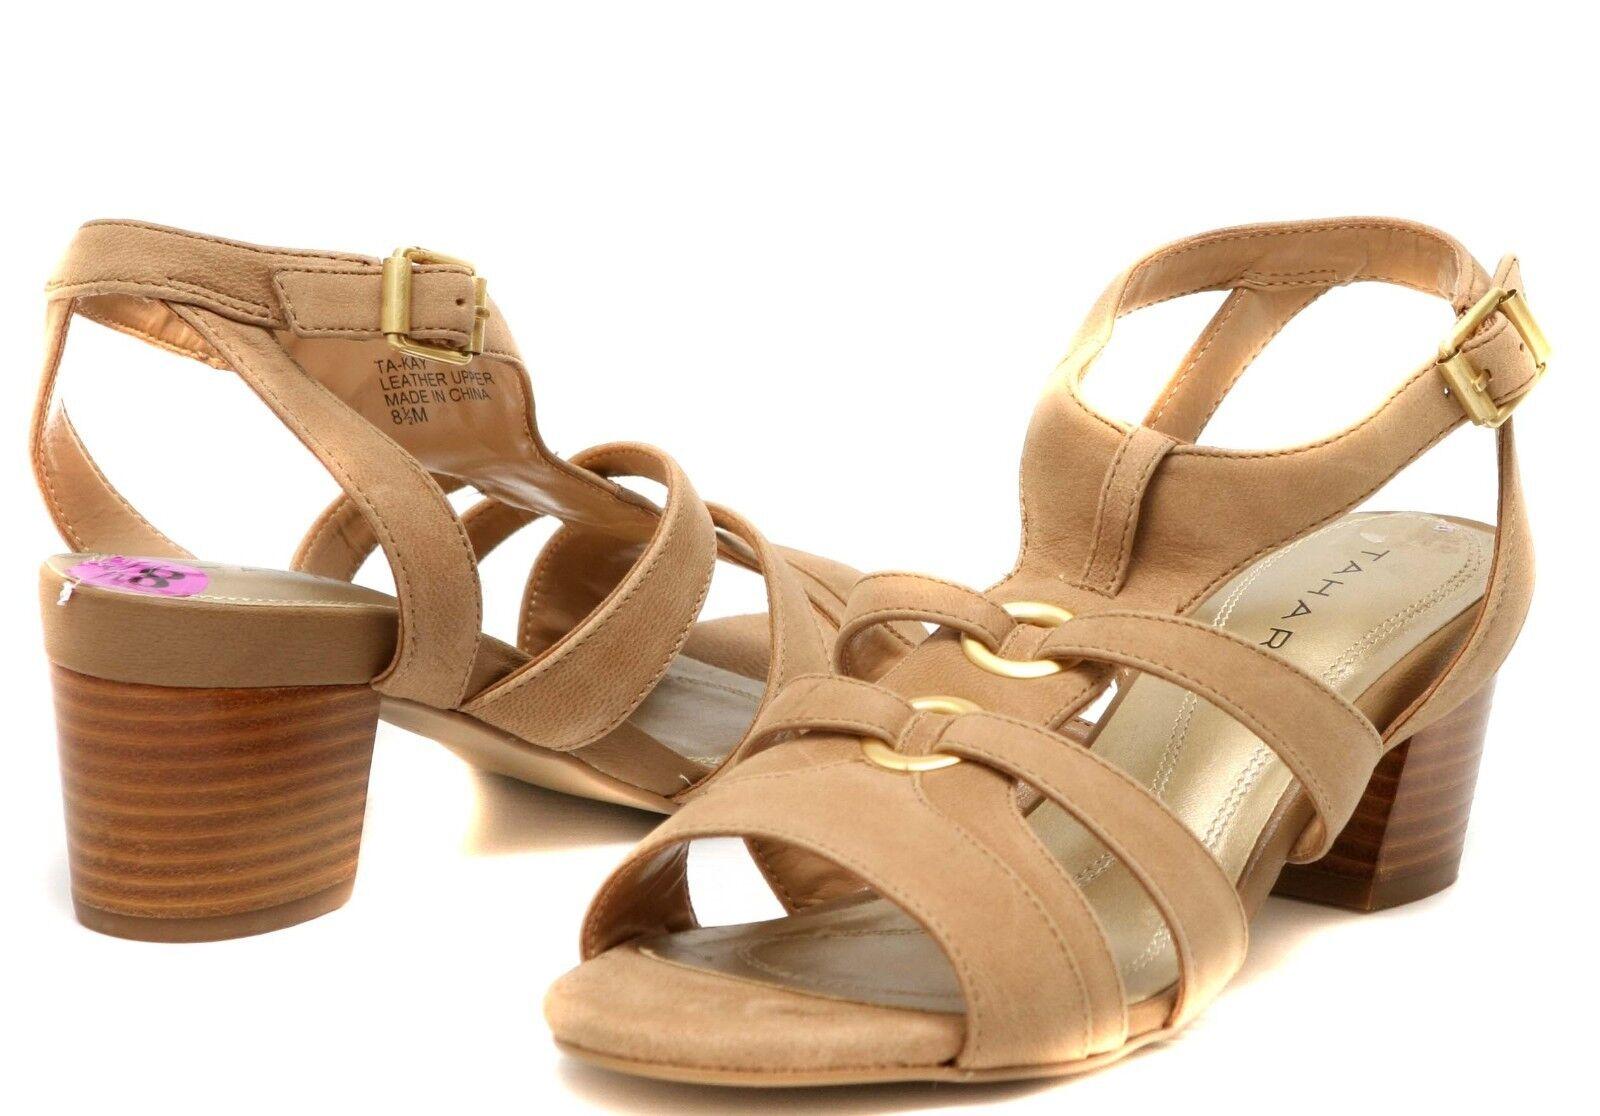 New Tahari  Ta-Kay  Sandal leather women's shoes size 8.5